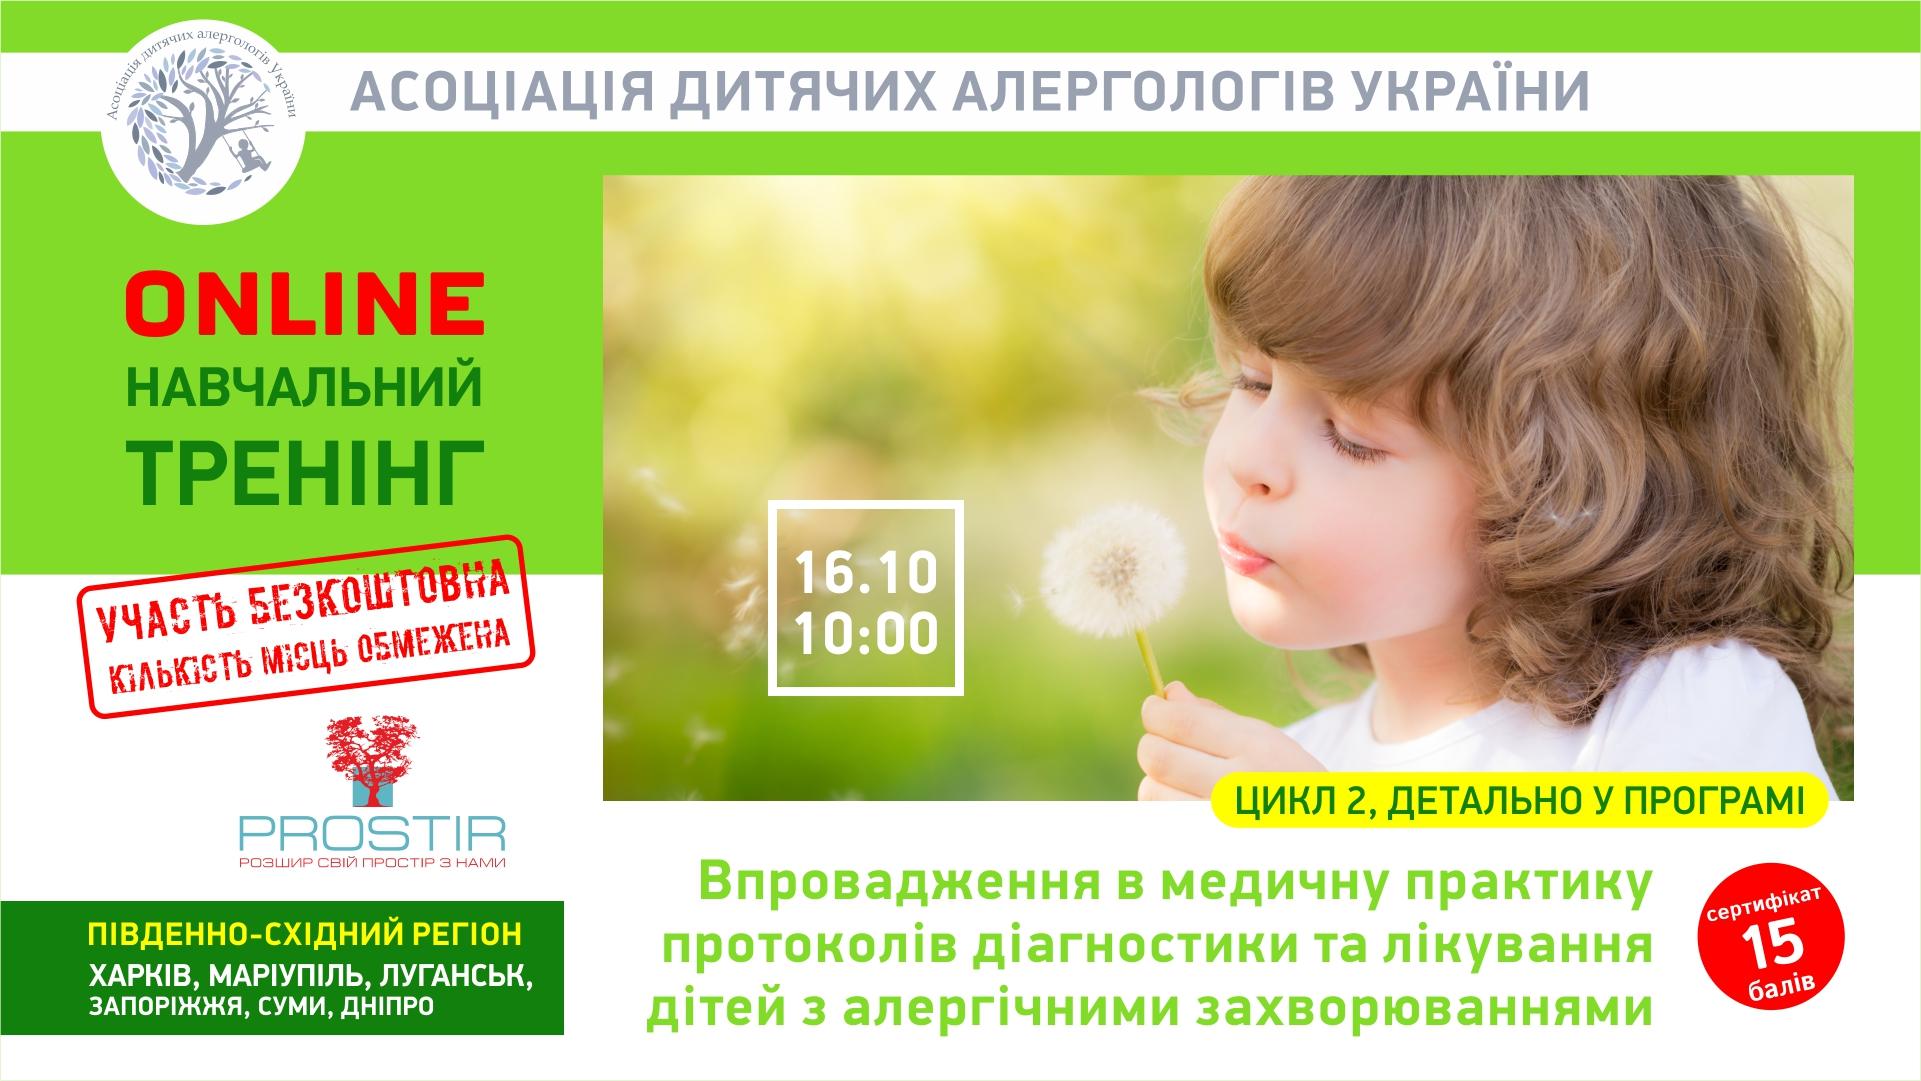 16 жовтня 2020 року о 10:00 Асоціація дитячих алергологів України проведе онлайн-тренінг на тему «ВПРОВАДЖЕННЯ В МЕДИЧНУ ПРАКТИКУ ПРОТОКОЛІВ ДІАГНОСТИКИ ТА ЛІКУВАННЯ ДІТЕЙ З АЛЕРГІЧНИМИ ЗАХВОРЮВАННЯМИ. ЦИКЛ 2 – АТОПІЧНИЙ МАРШ»